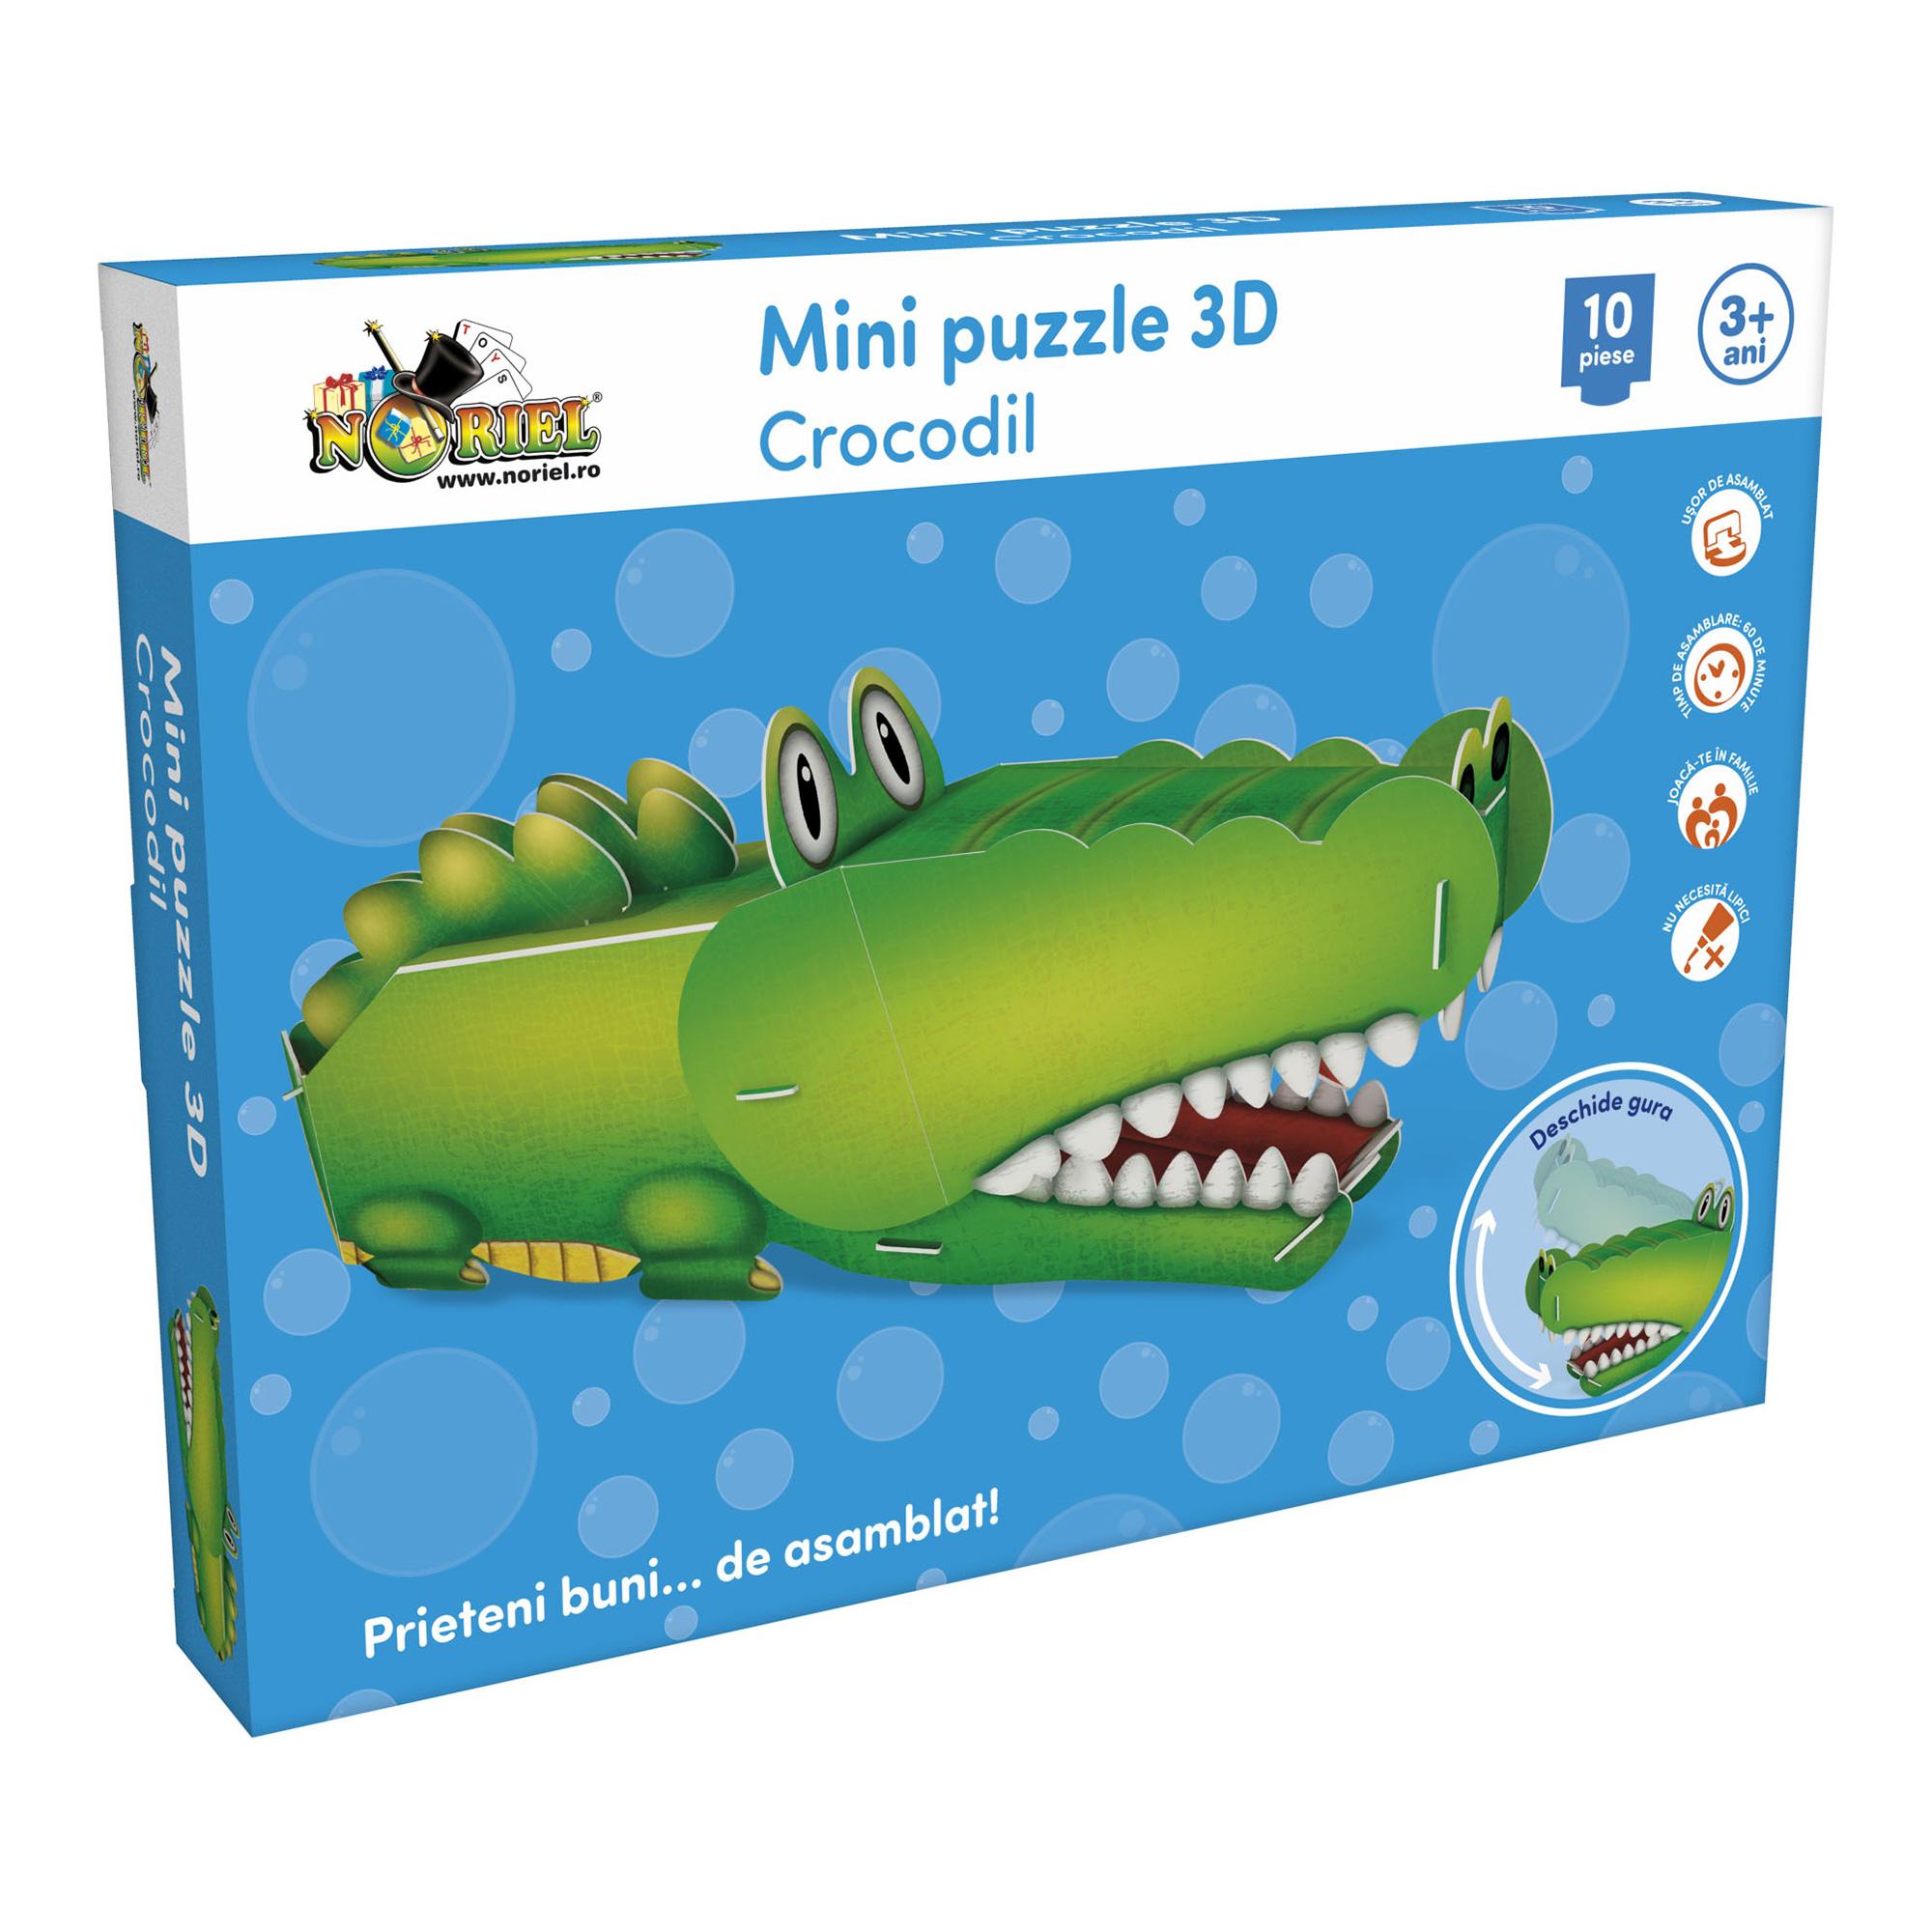 mini puzzle 3d noriel - crocodil, 10 piese